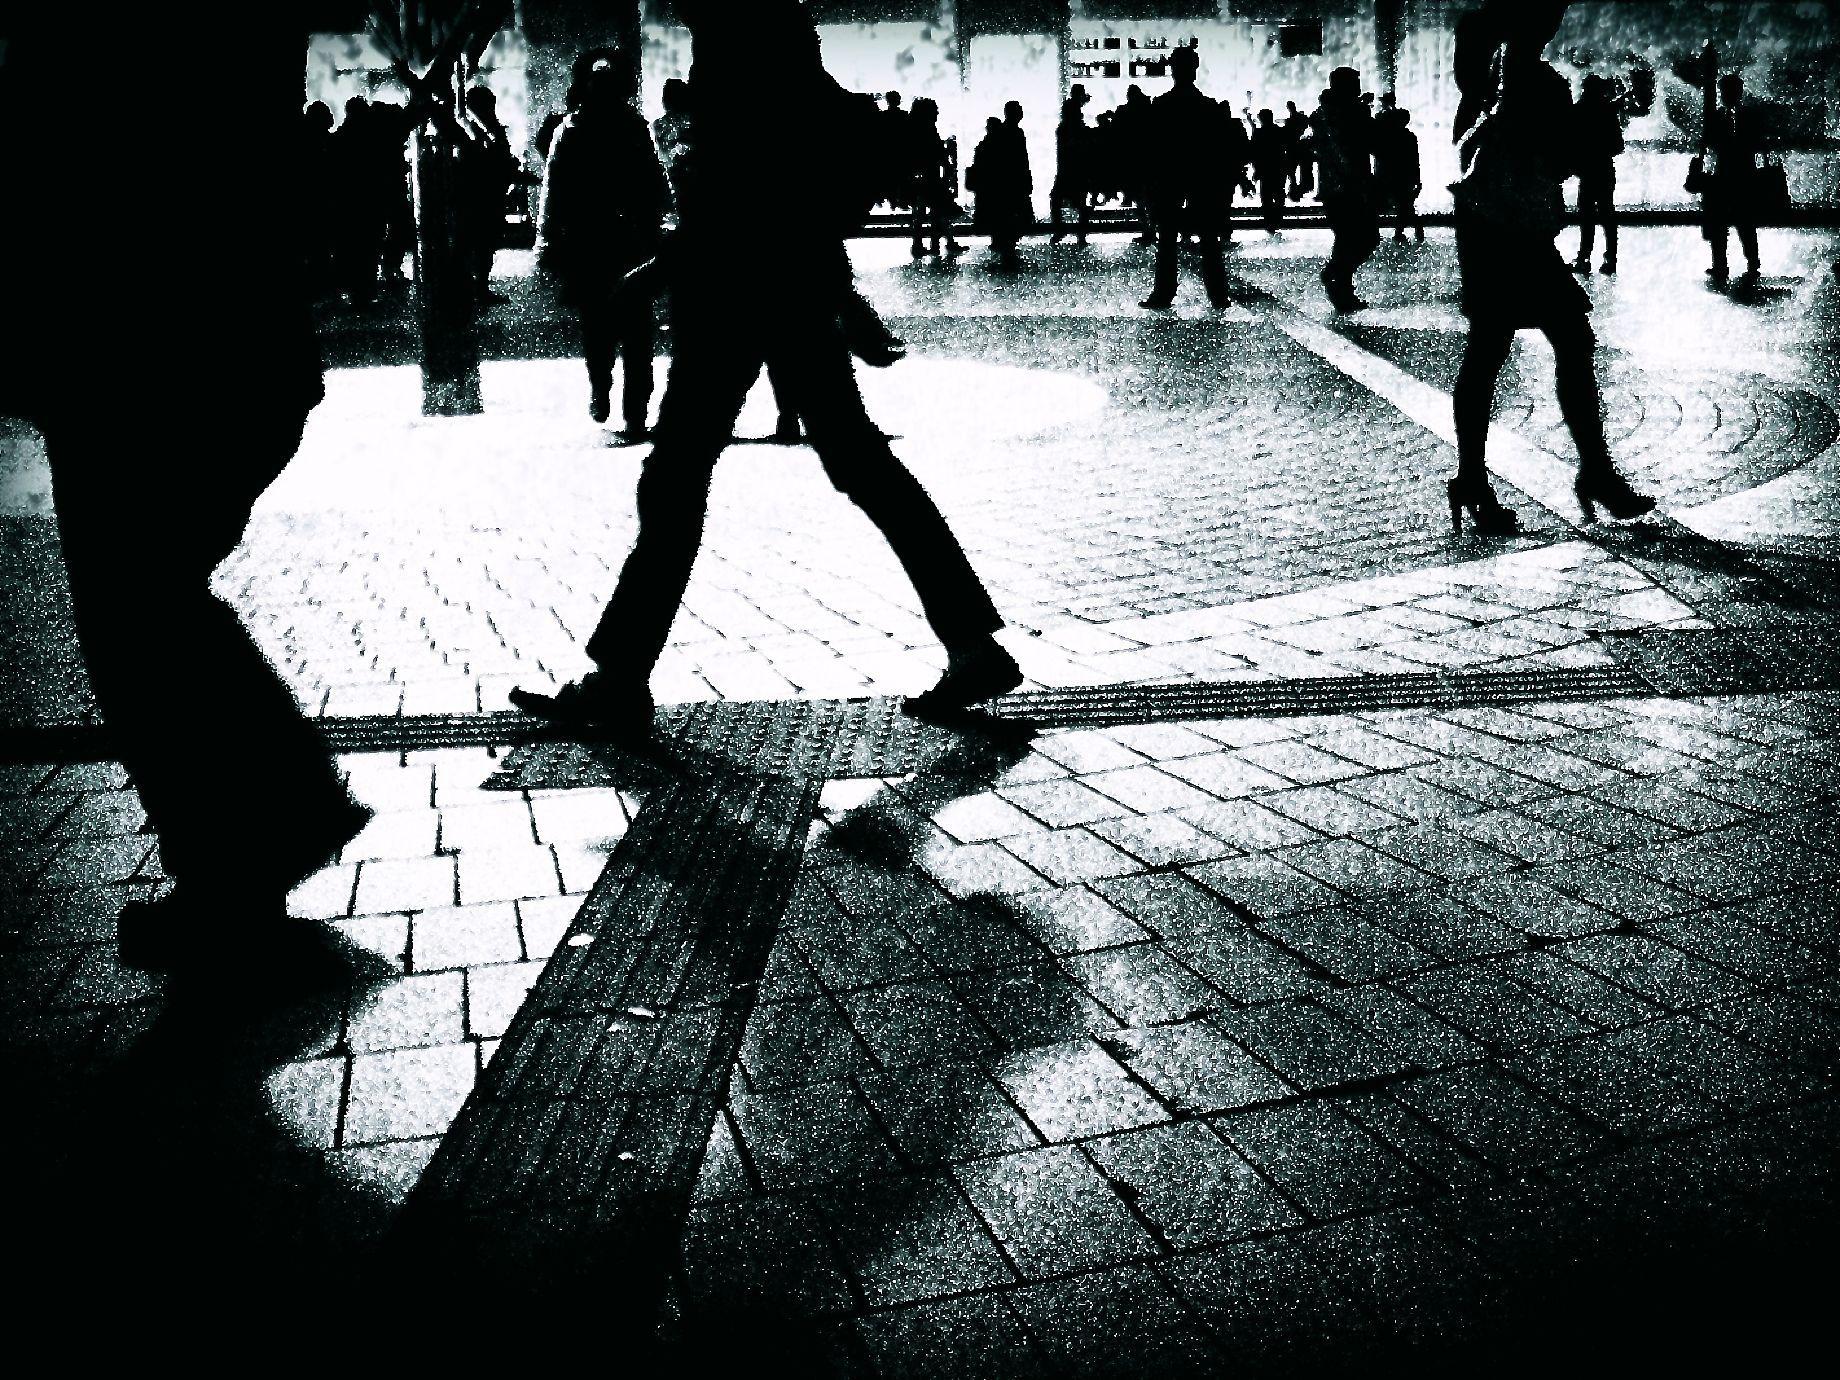 夏肇毅觀點:金融科技是搶銀行嗎?人工智慧時代的生存挑戰